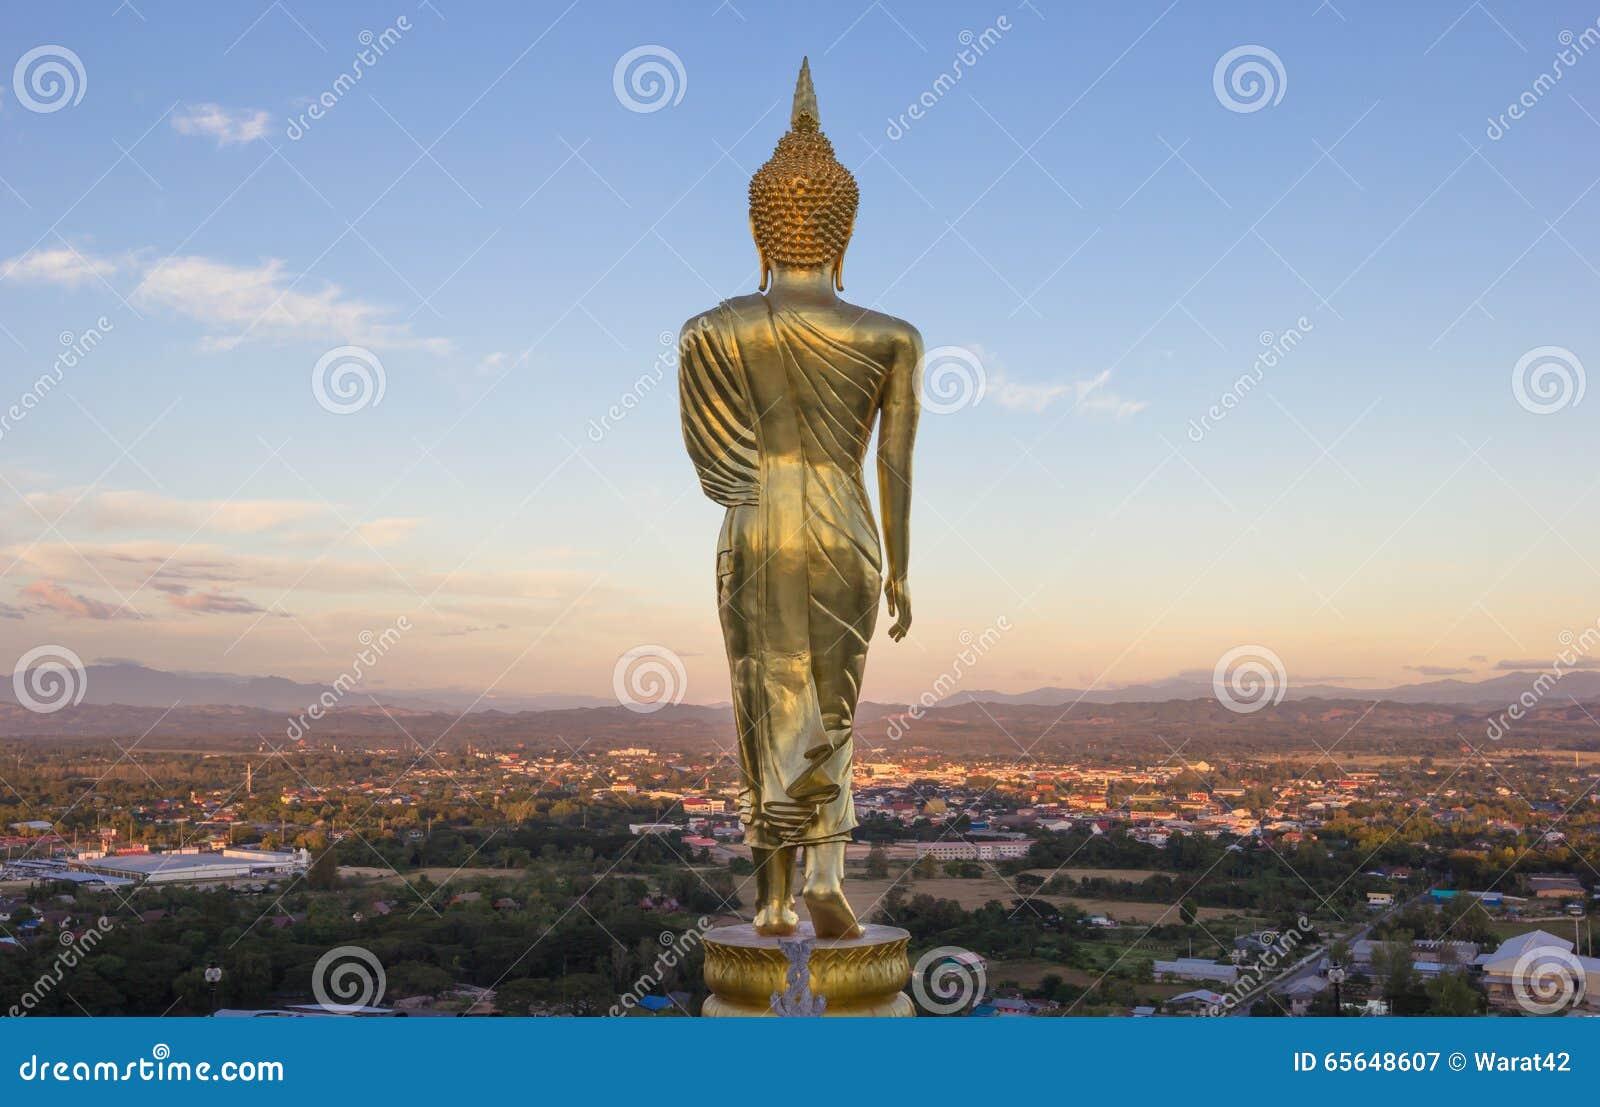 Même, statue d or de Bouddha dans le temple de Khao NOI, Nan Province,